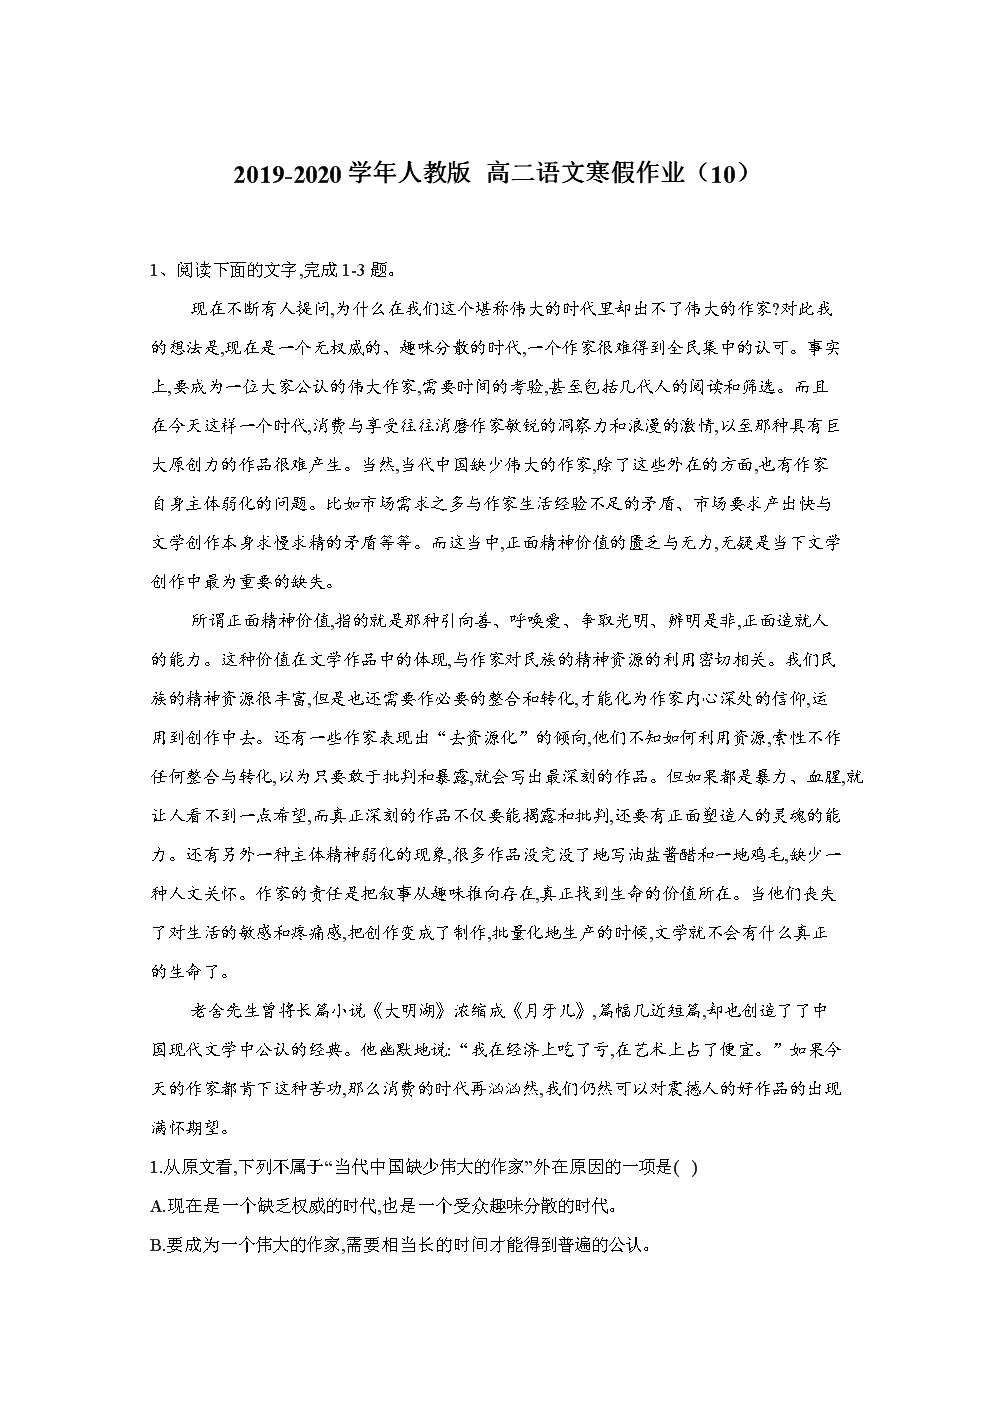 2019-2020学年人教版 高二语文寒假作业(10) Word版含答案.doc